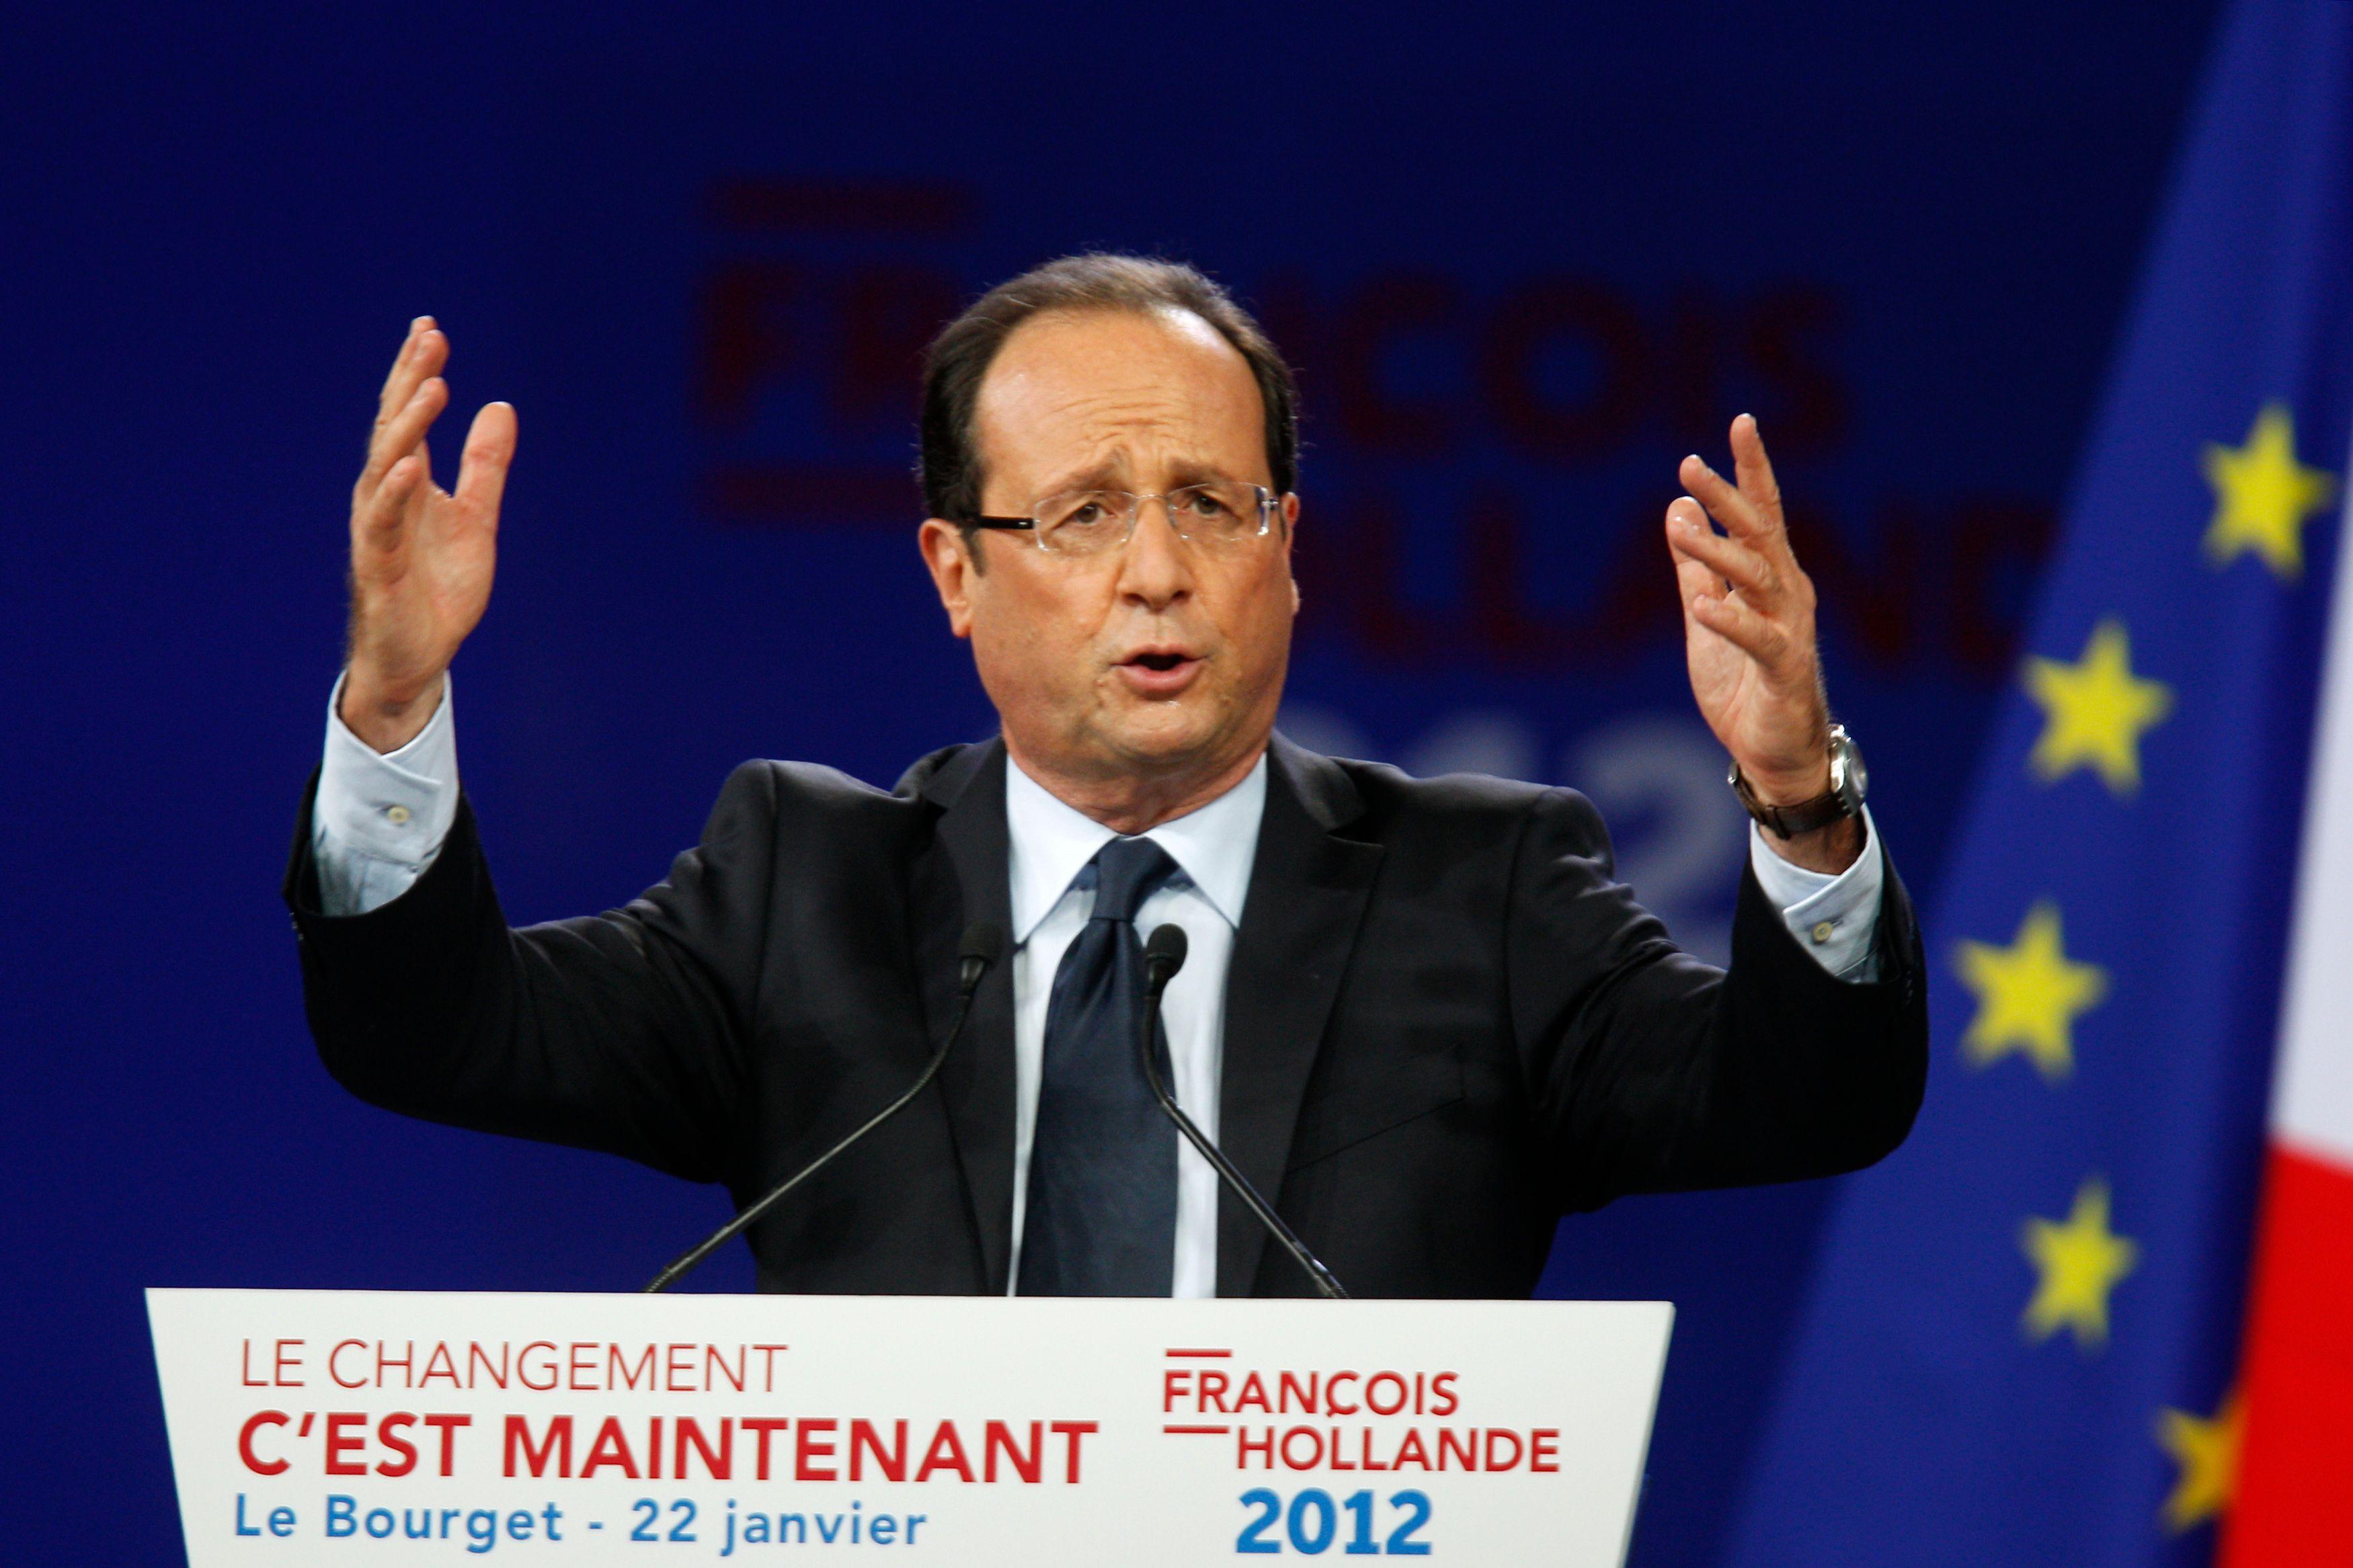 Lui, candidat, promettait d'assurer le rang de la France en veillant à la dépense publique et en relançant la croissance en Europe.